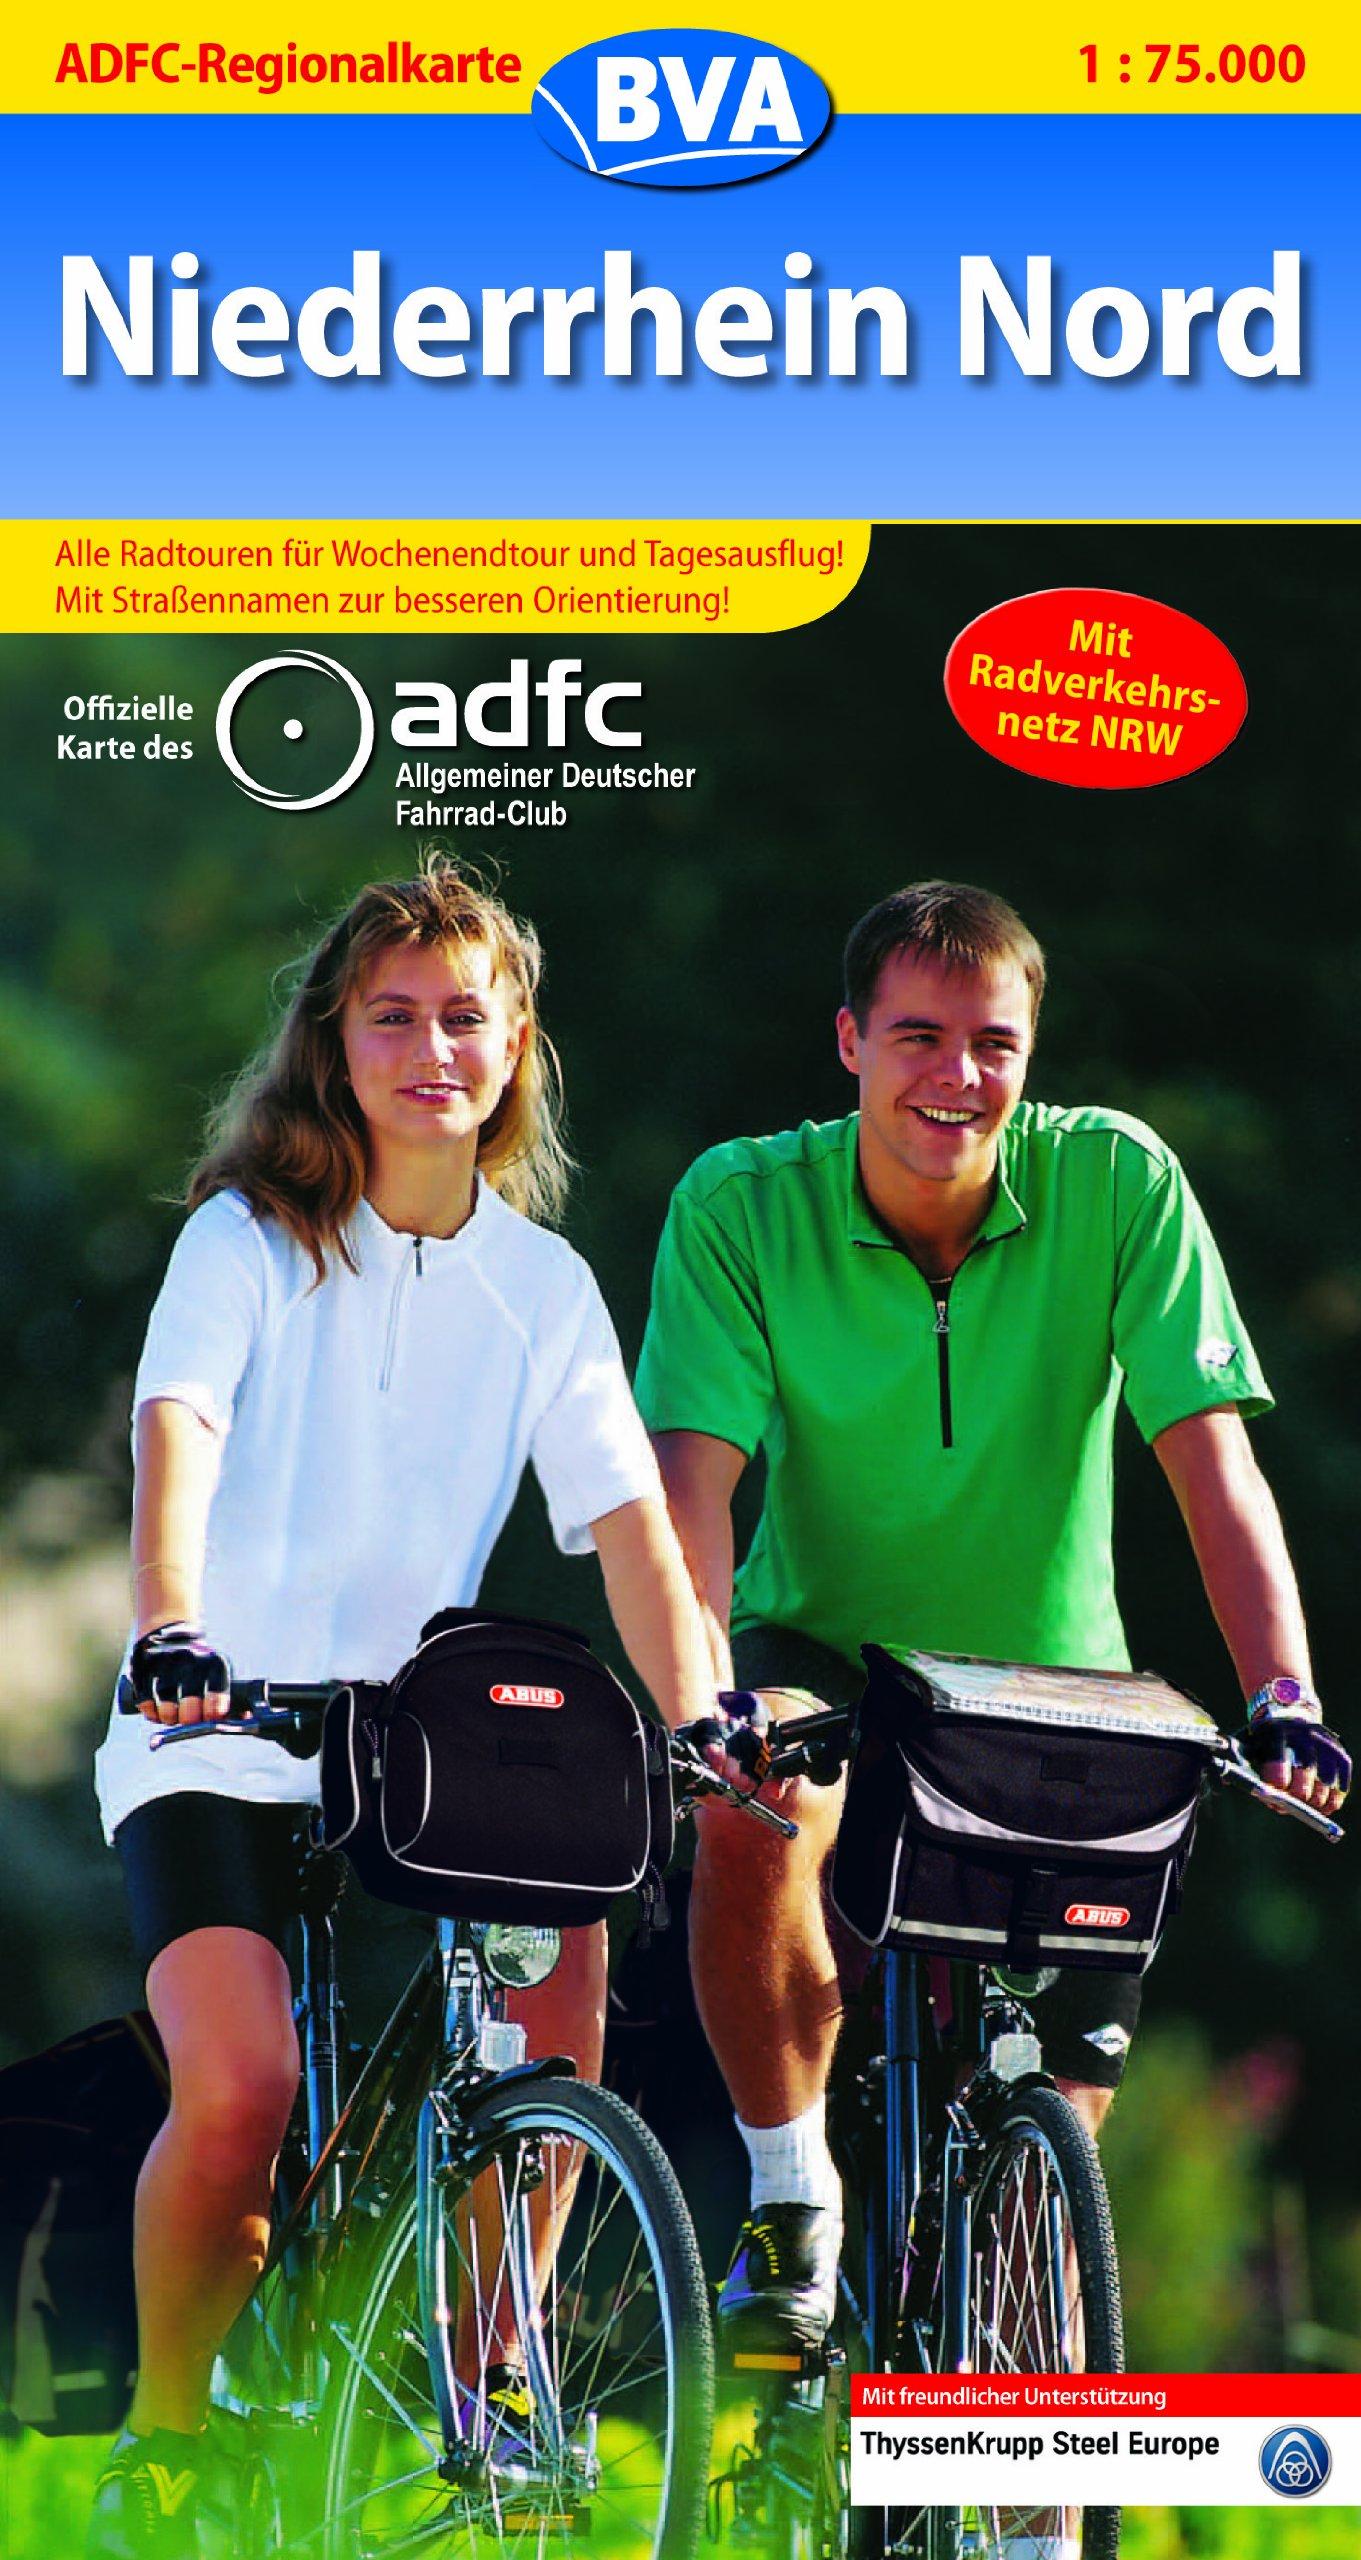 ADFC-Regionalkarten, Niederrhein Nord